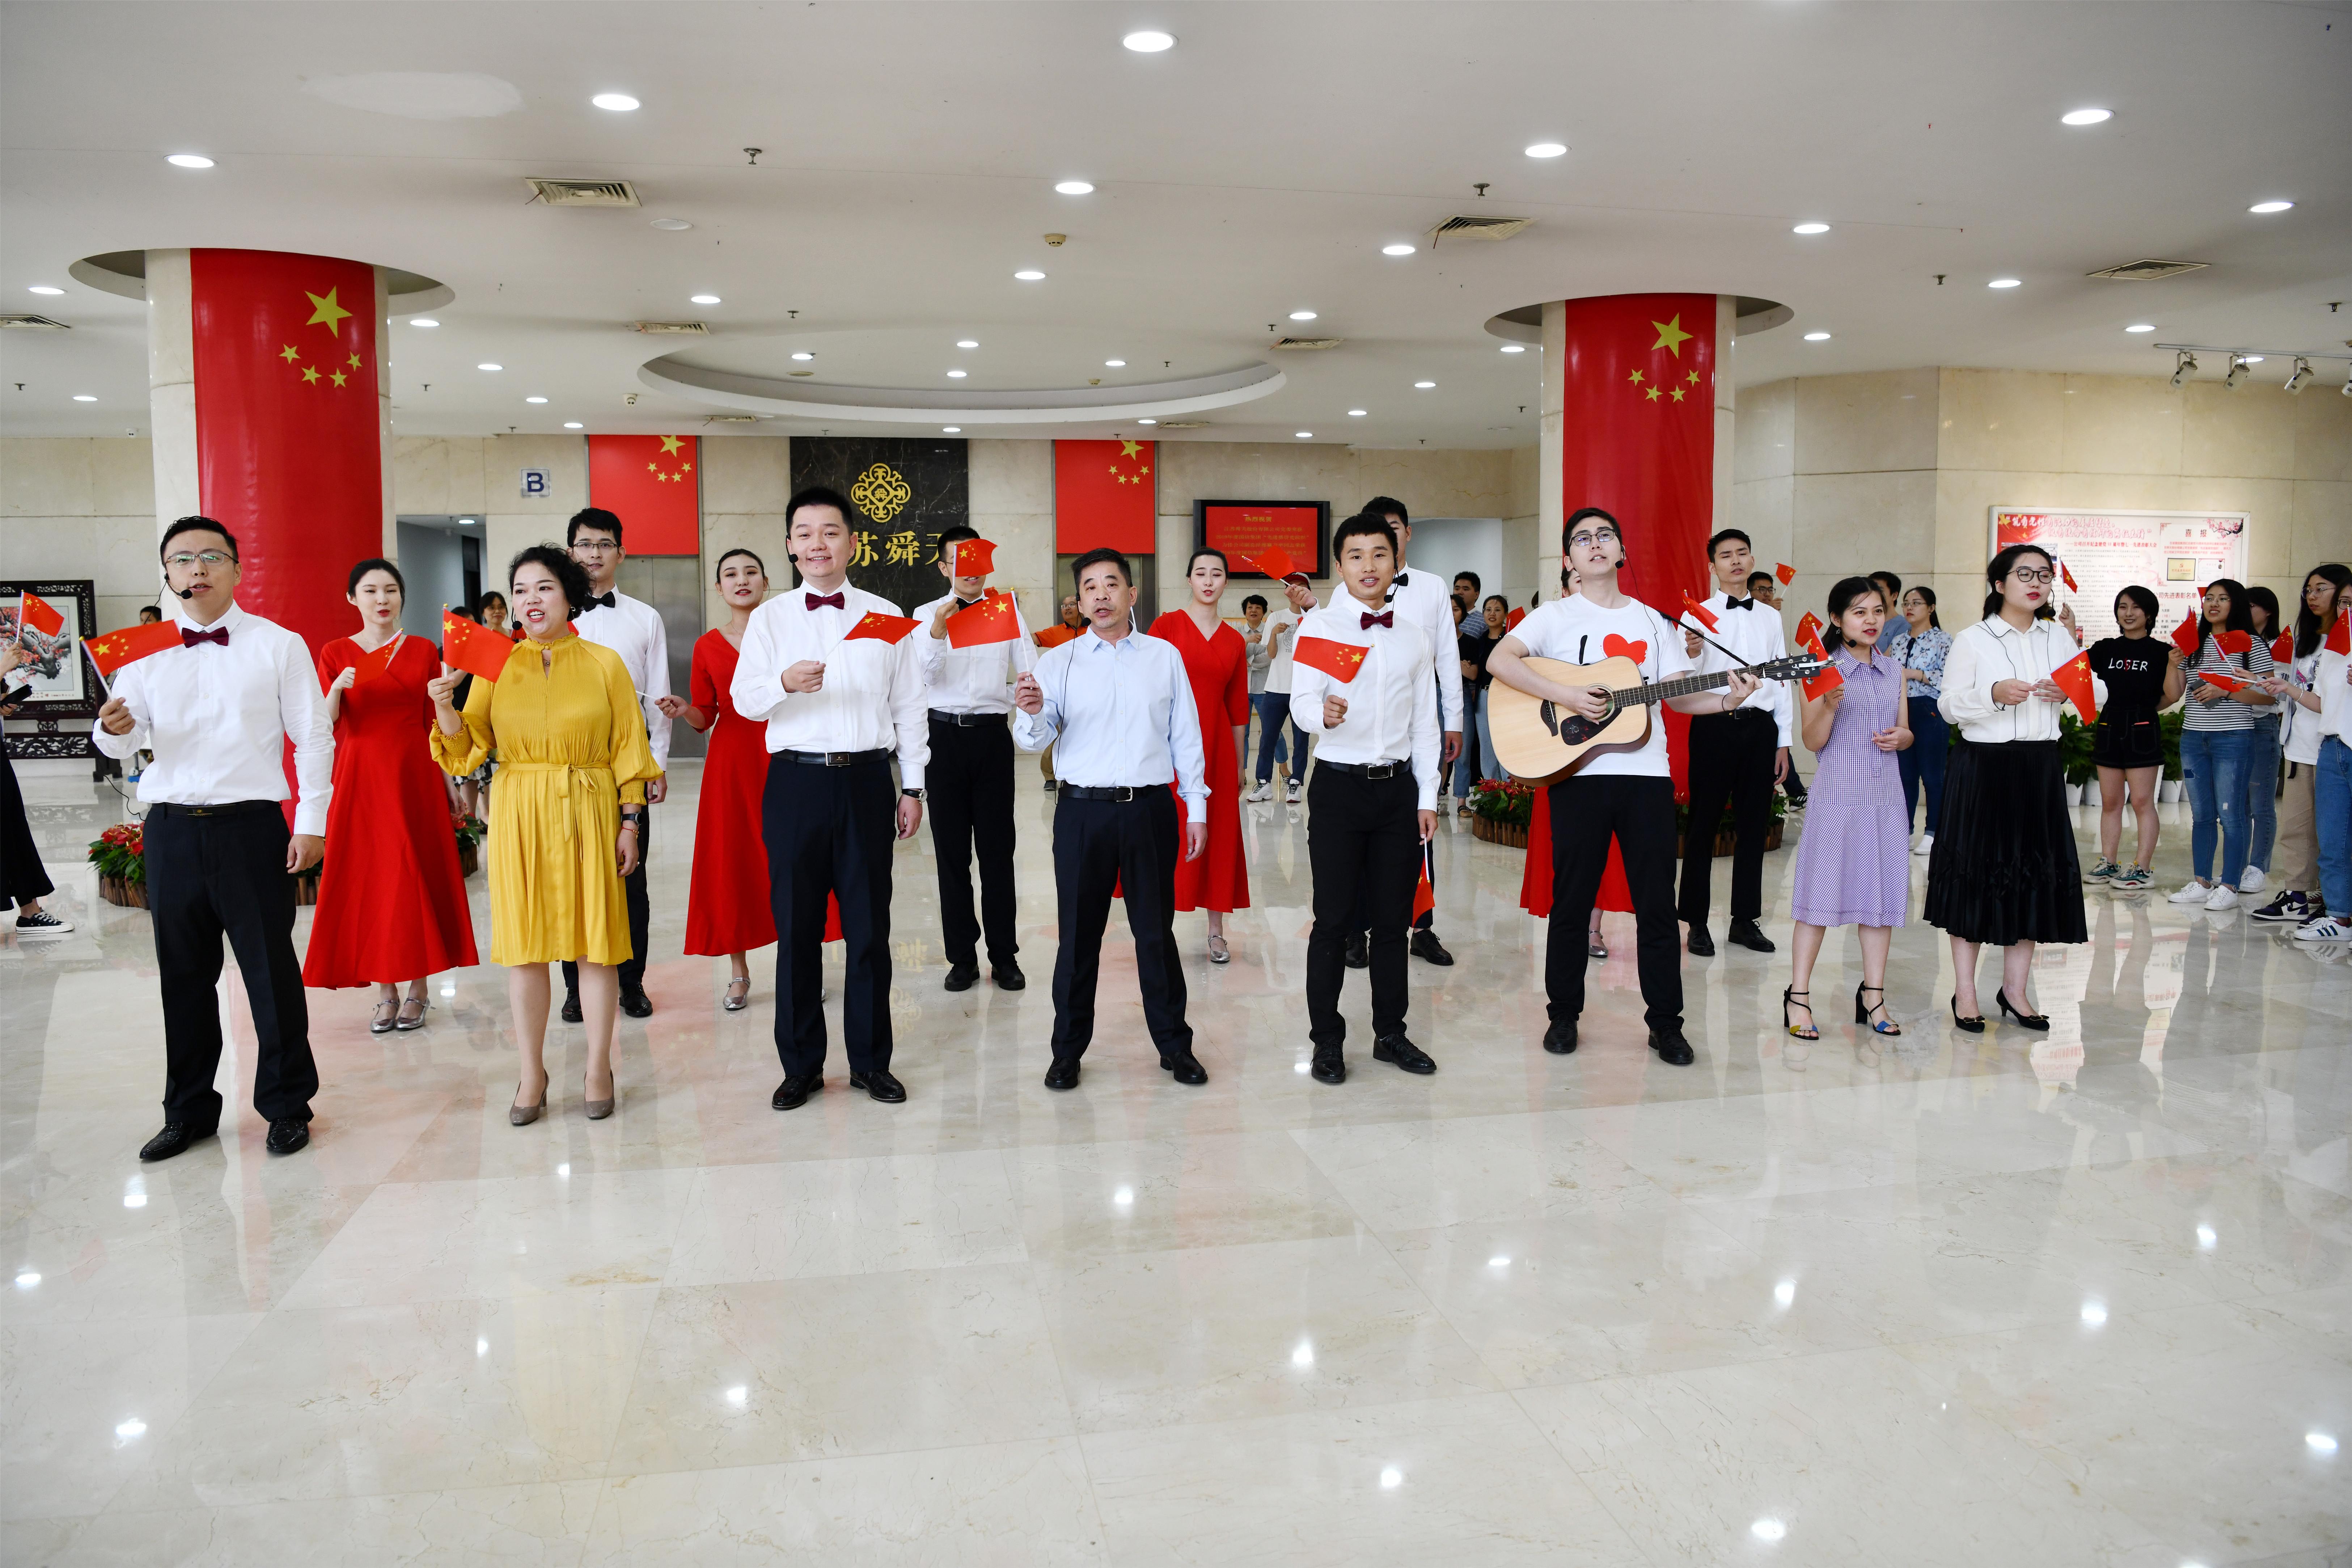 江苏鸿博体育有限公司建国70周年快闪活动